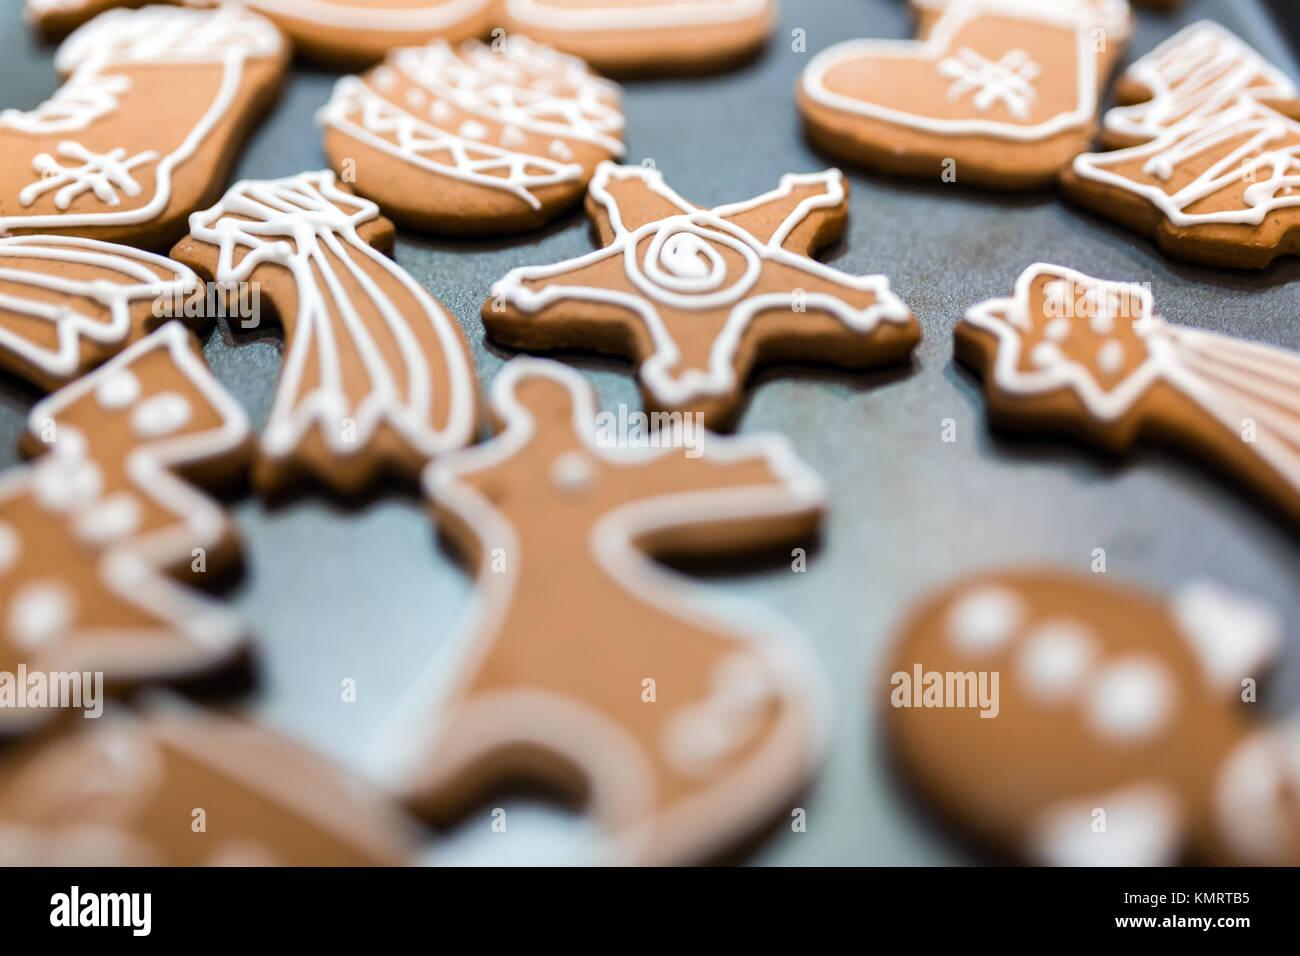 Dekorierte Lebkuchen für Heiligabend Stockfoto